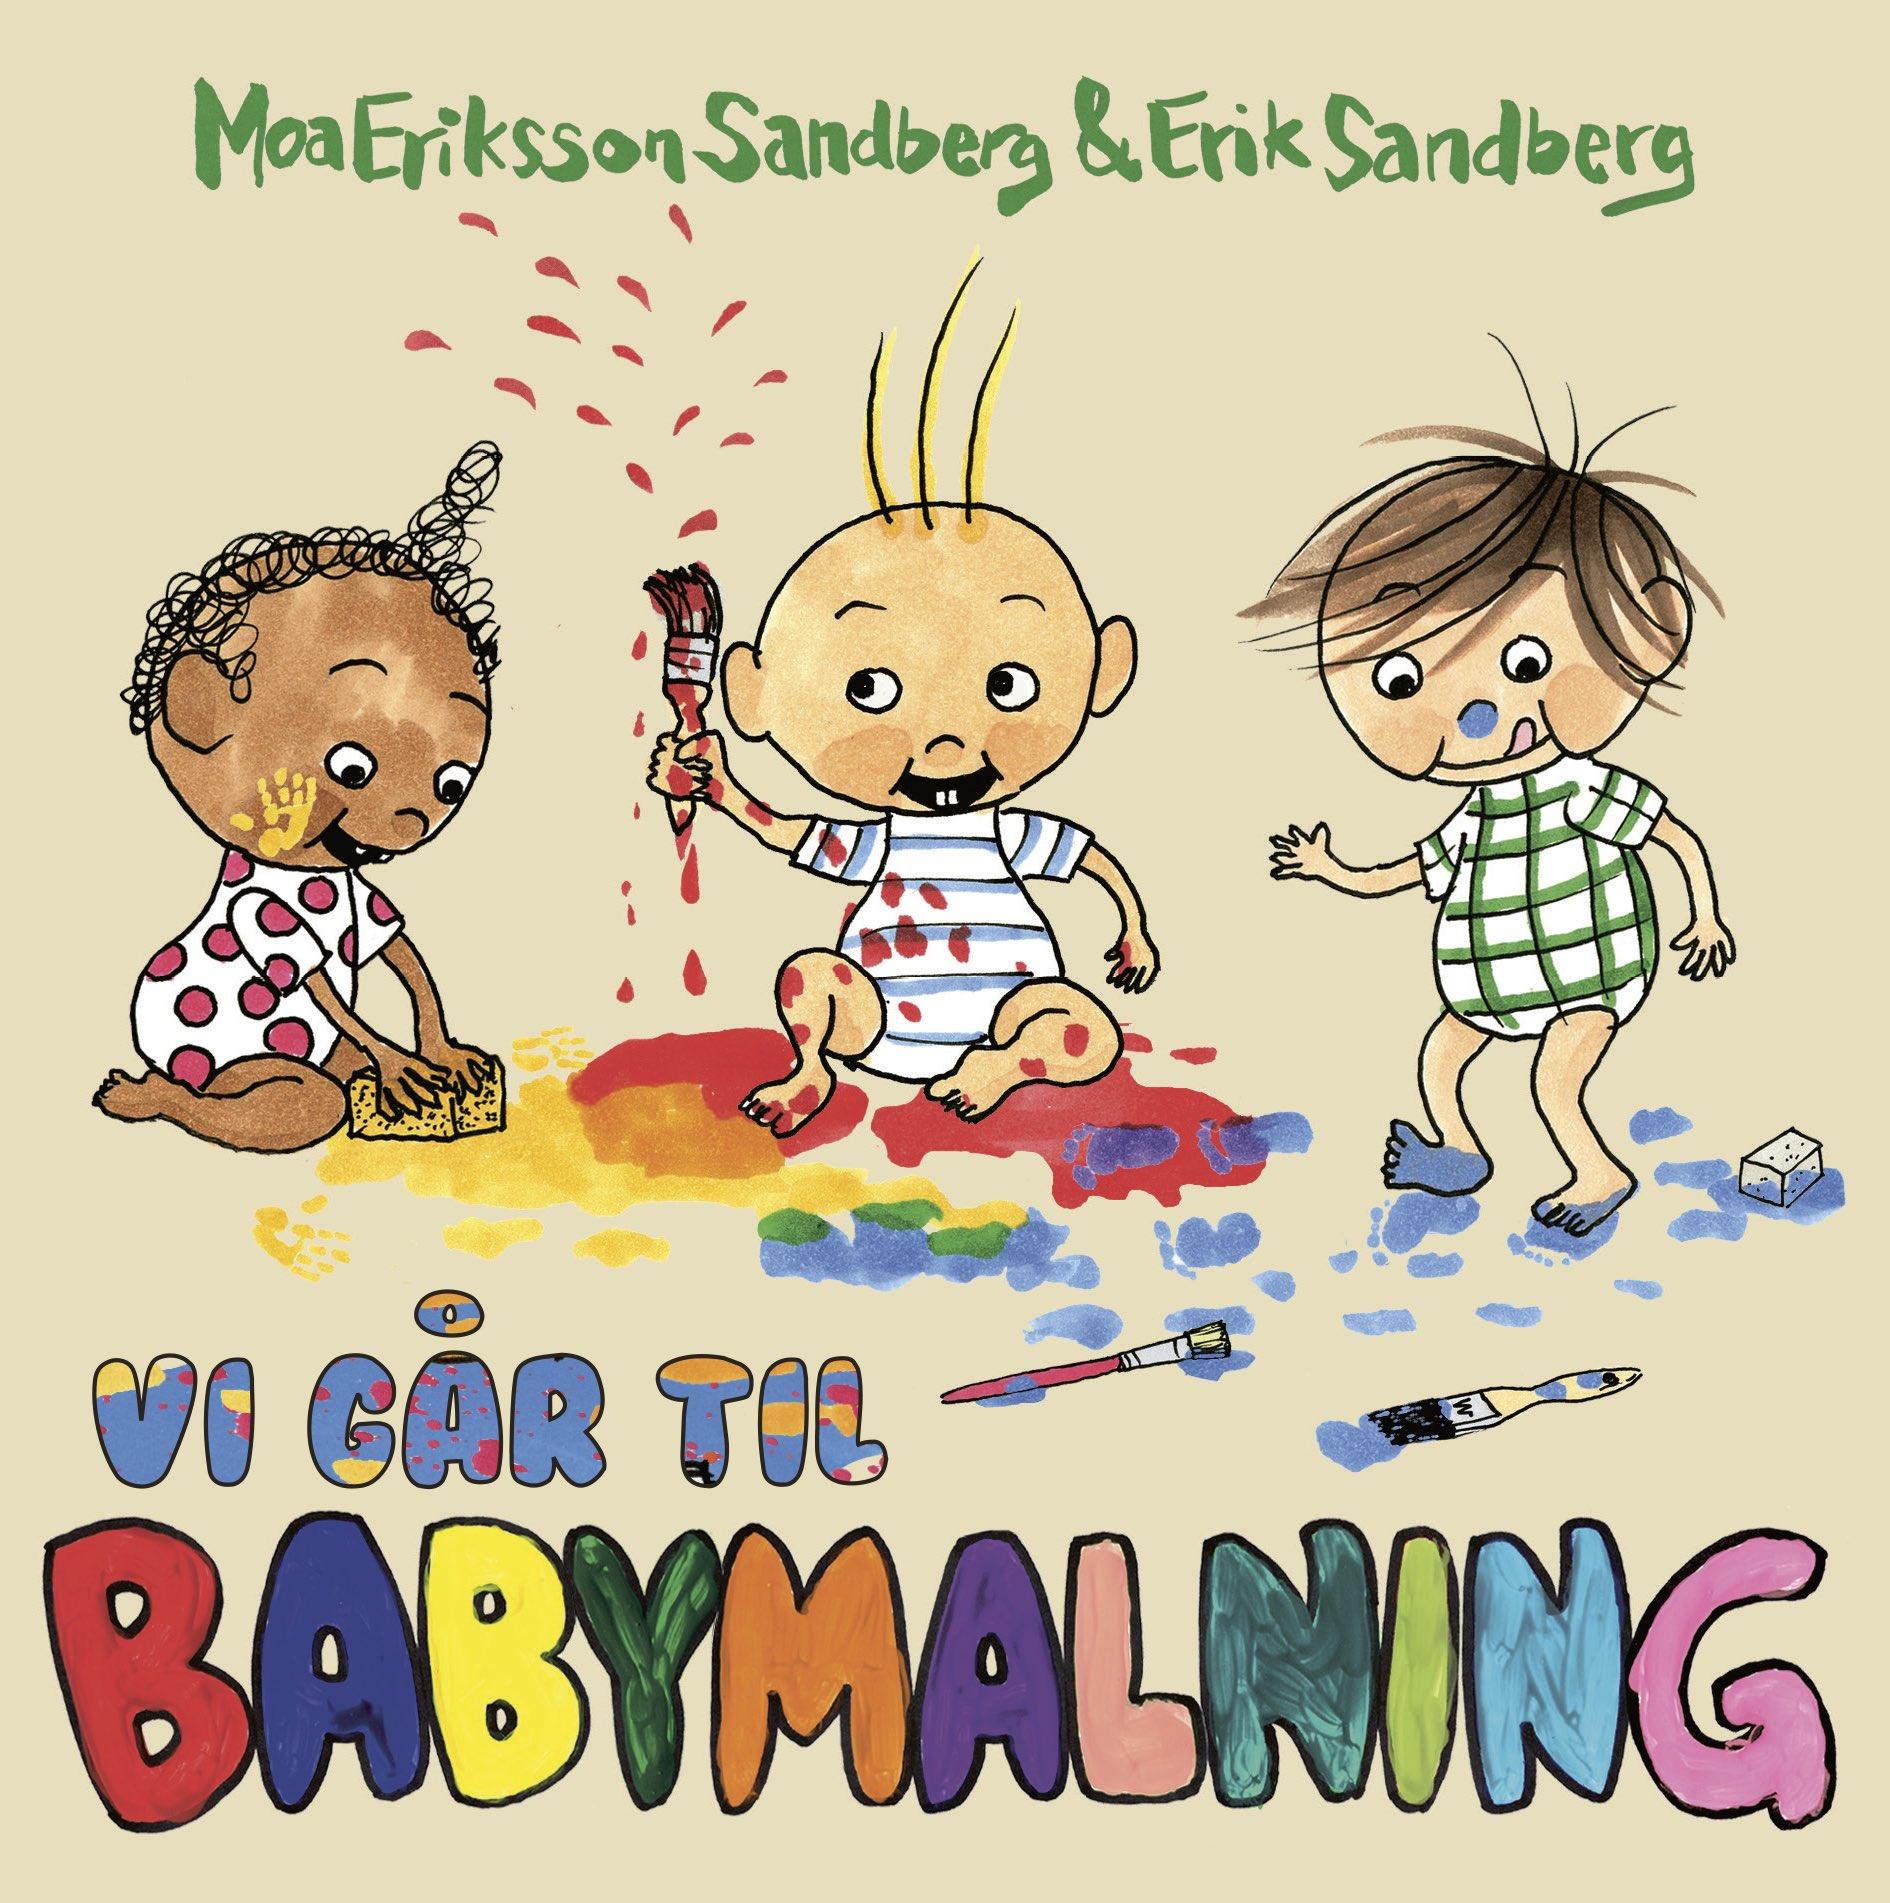 Vi går til babymaling